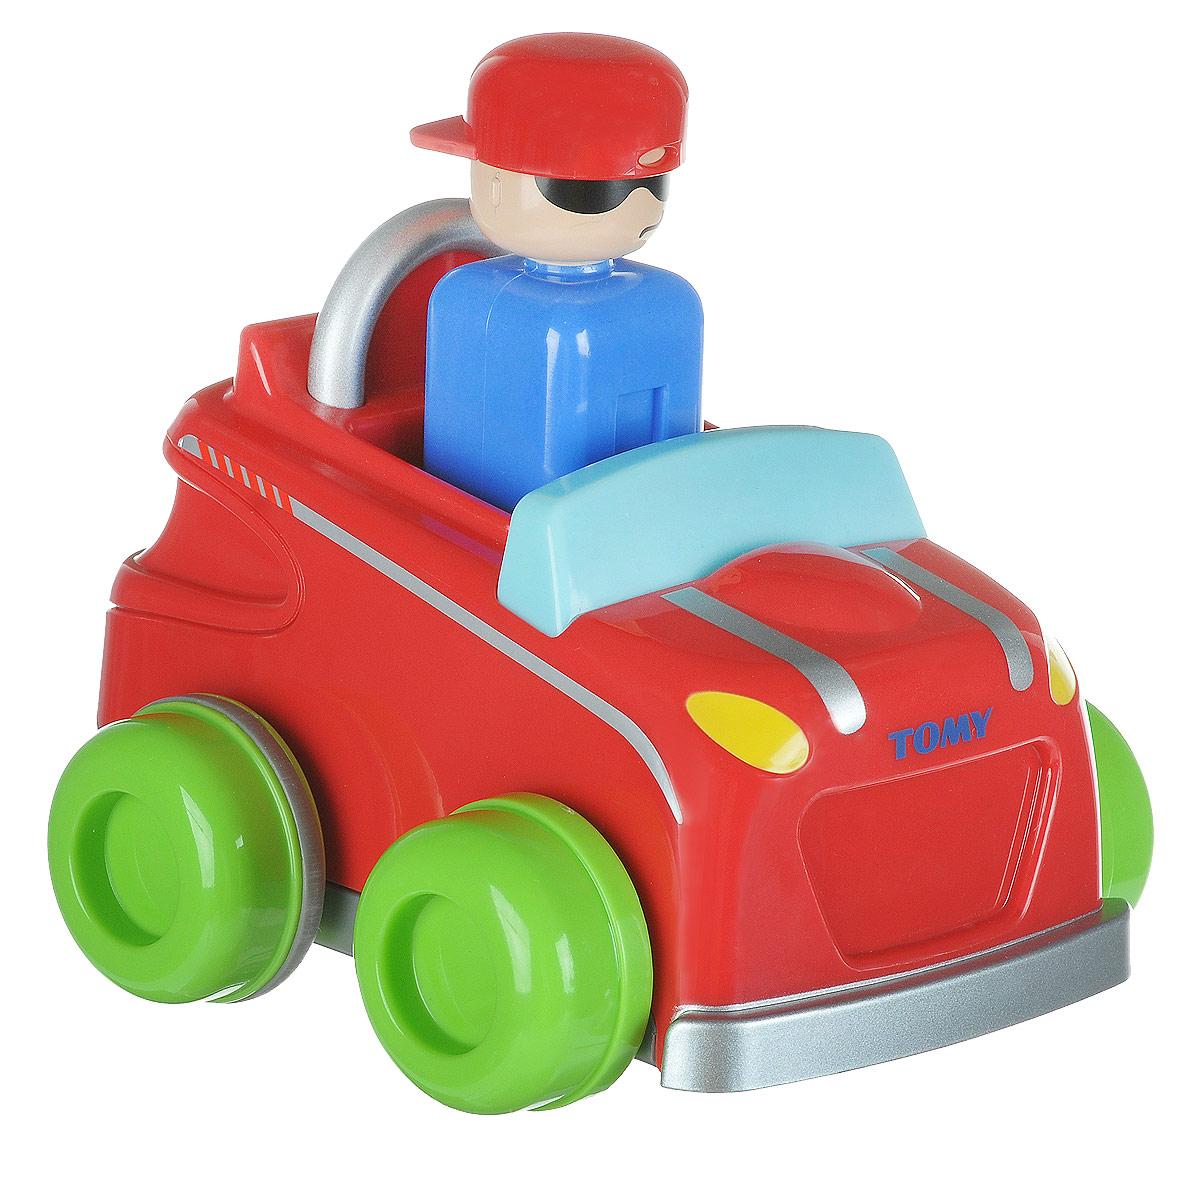 Tomy Машинка-игрушка Push n Go Car цвет красныйE1012_красная машинаРазвивающая игрушка Tomy Push n Go Car обязательно привлечет внимание вашего малыша и не позволит ему скучать. Она выполнена из высококачественного пластика в виде яркой машинки со встроенной фигуркой водителя. Чтобы машинка начала свое движение, необходимо просто нажать на голову водителя. Машинка поможет малышу в развитии тактильных ощущений, мелкой моторики рук и координации движений. Порадуйте своего малыша такой интересной игрушкой!